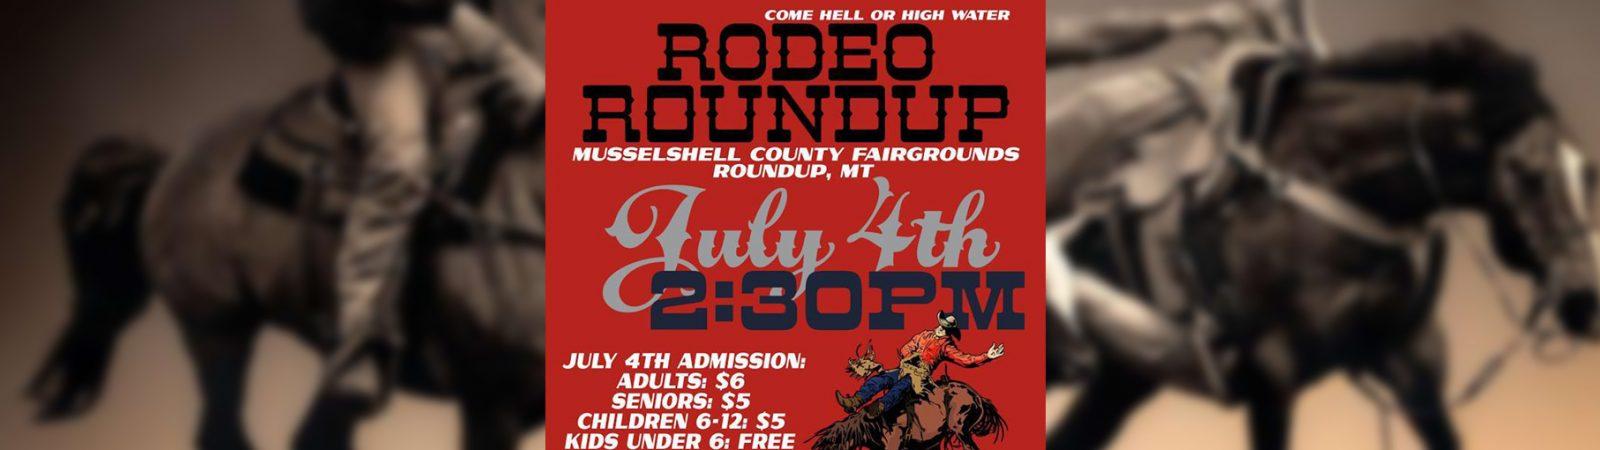 Rodeo Roundup 2017 Poster Roundup Montana